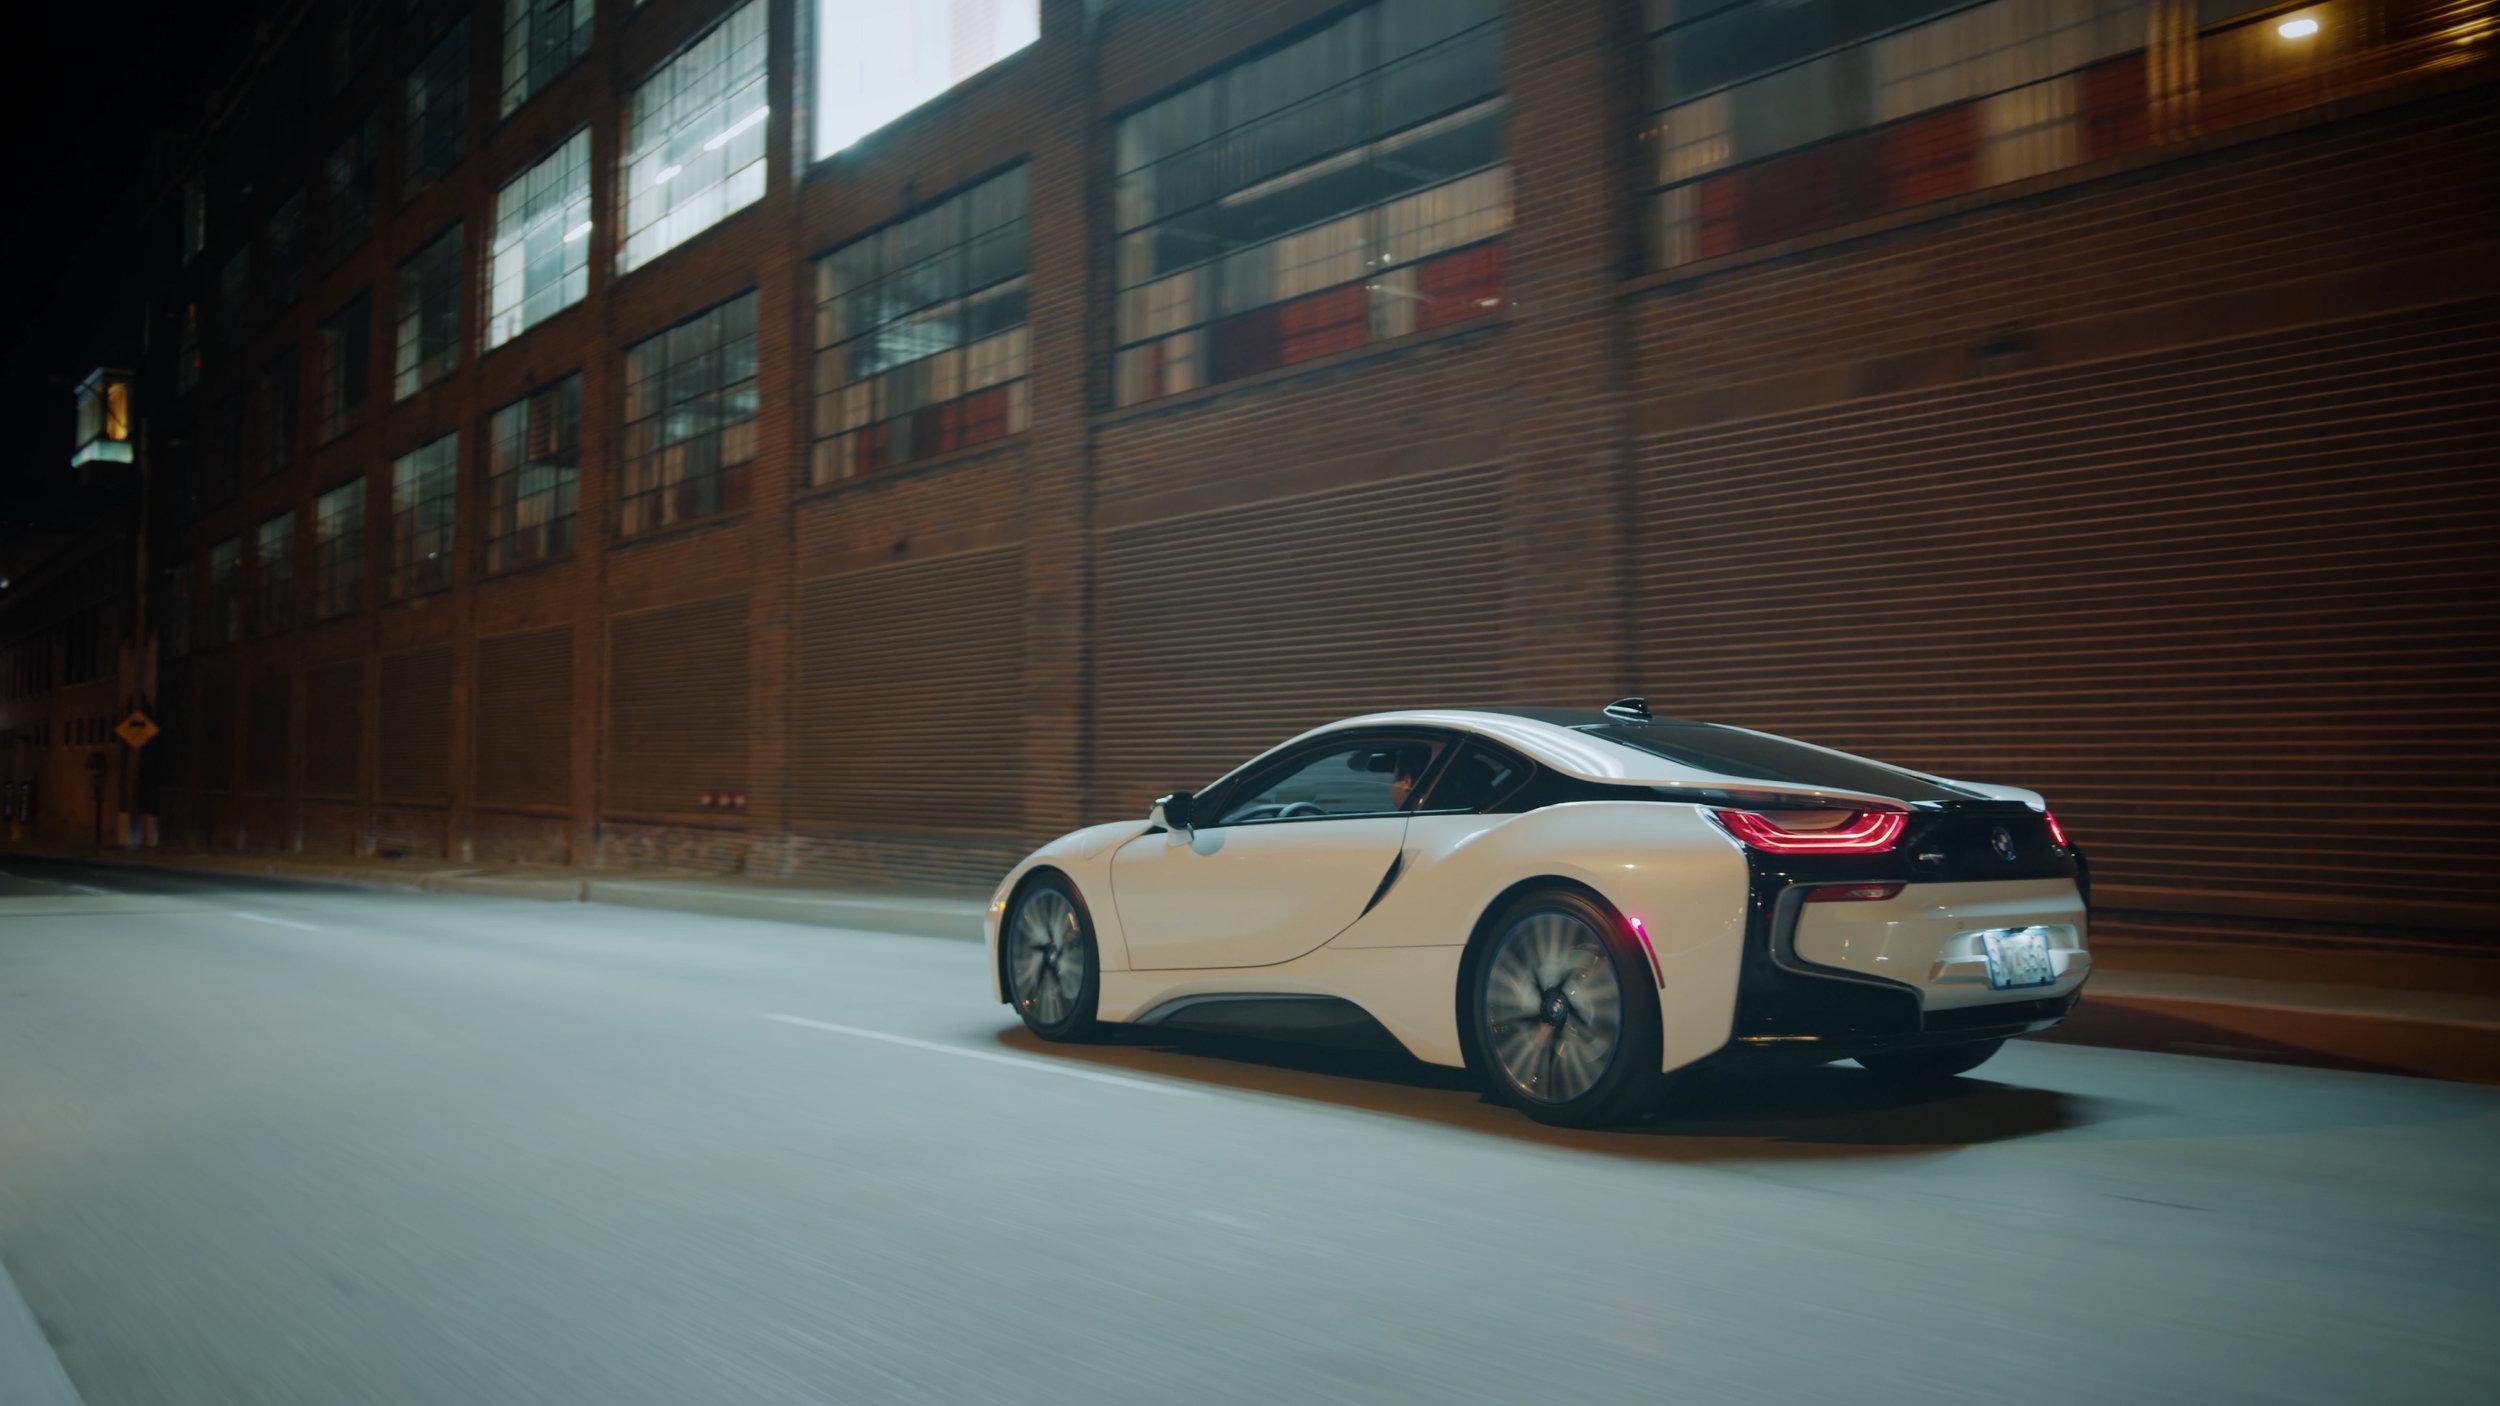 Autohaus BMW Culture 4K Final 3.00_02_30_05.Still043.jpg